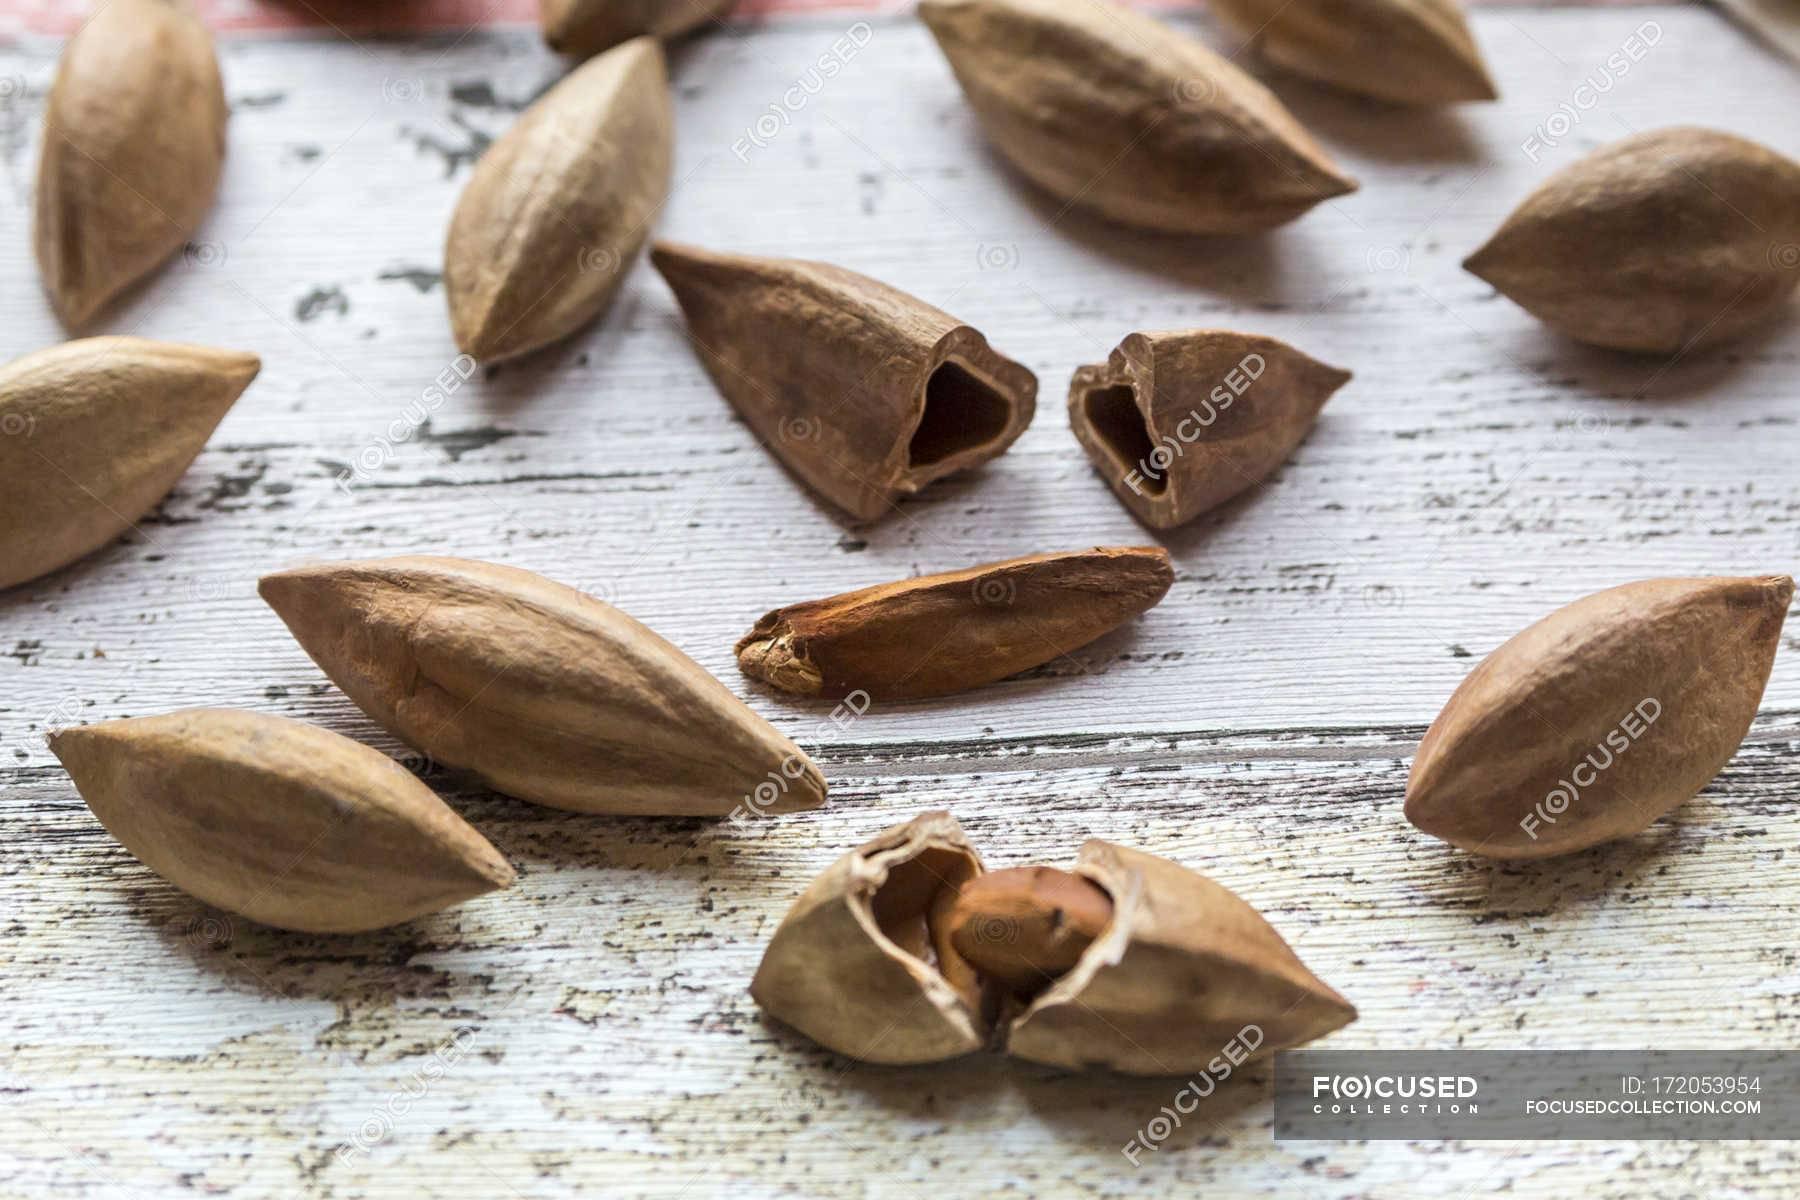 Орех пекан польза и вред для организма женщин, мужчин - орех эксперт